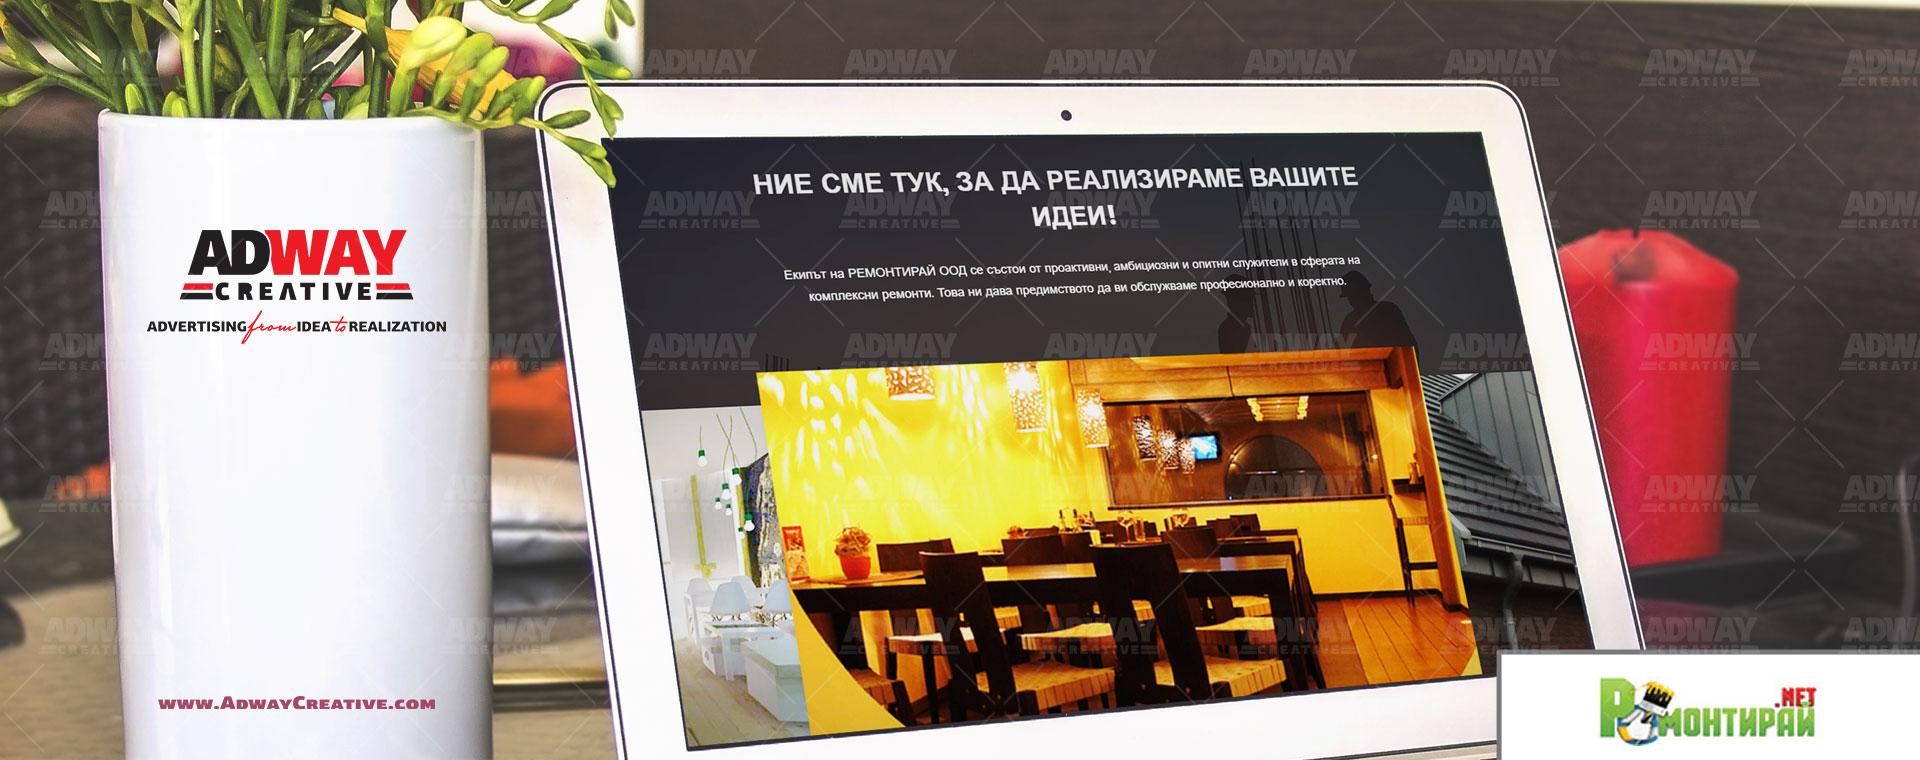 Дизайн на уеб сайт за ремонтни услуги -Remontirai.net